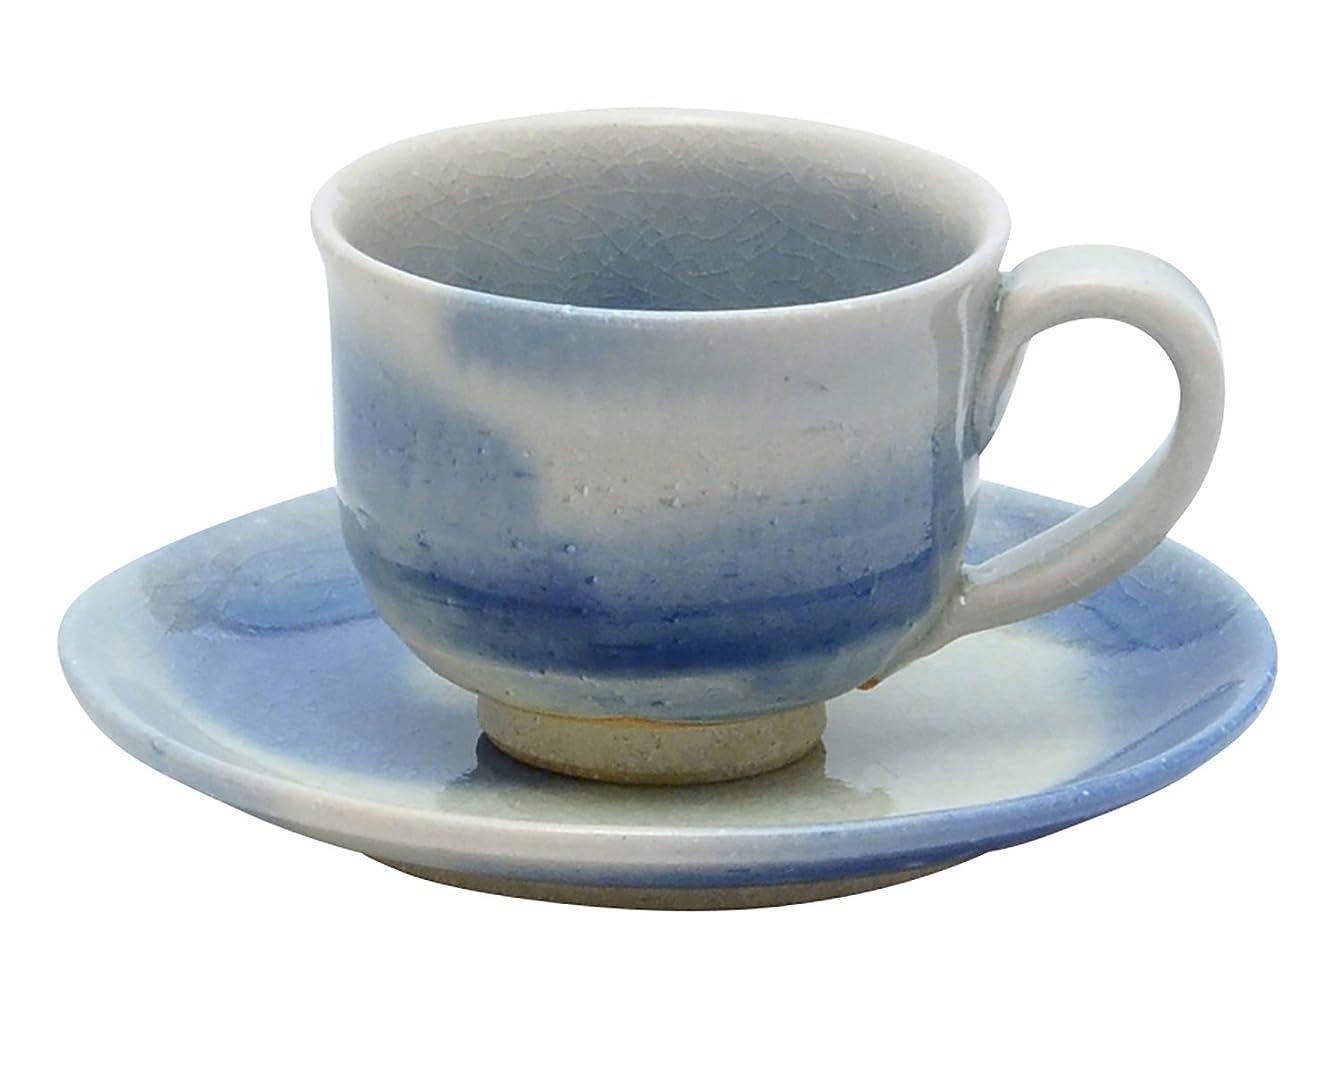 病気だと思う世論調査緊張する信楽焼 へちもん コーヒー碗皿 碧えがき 30-5950